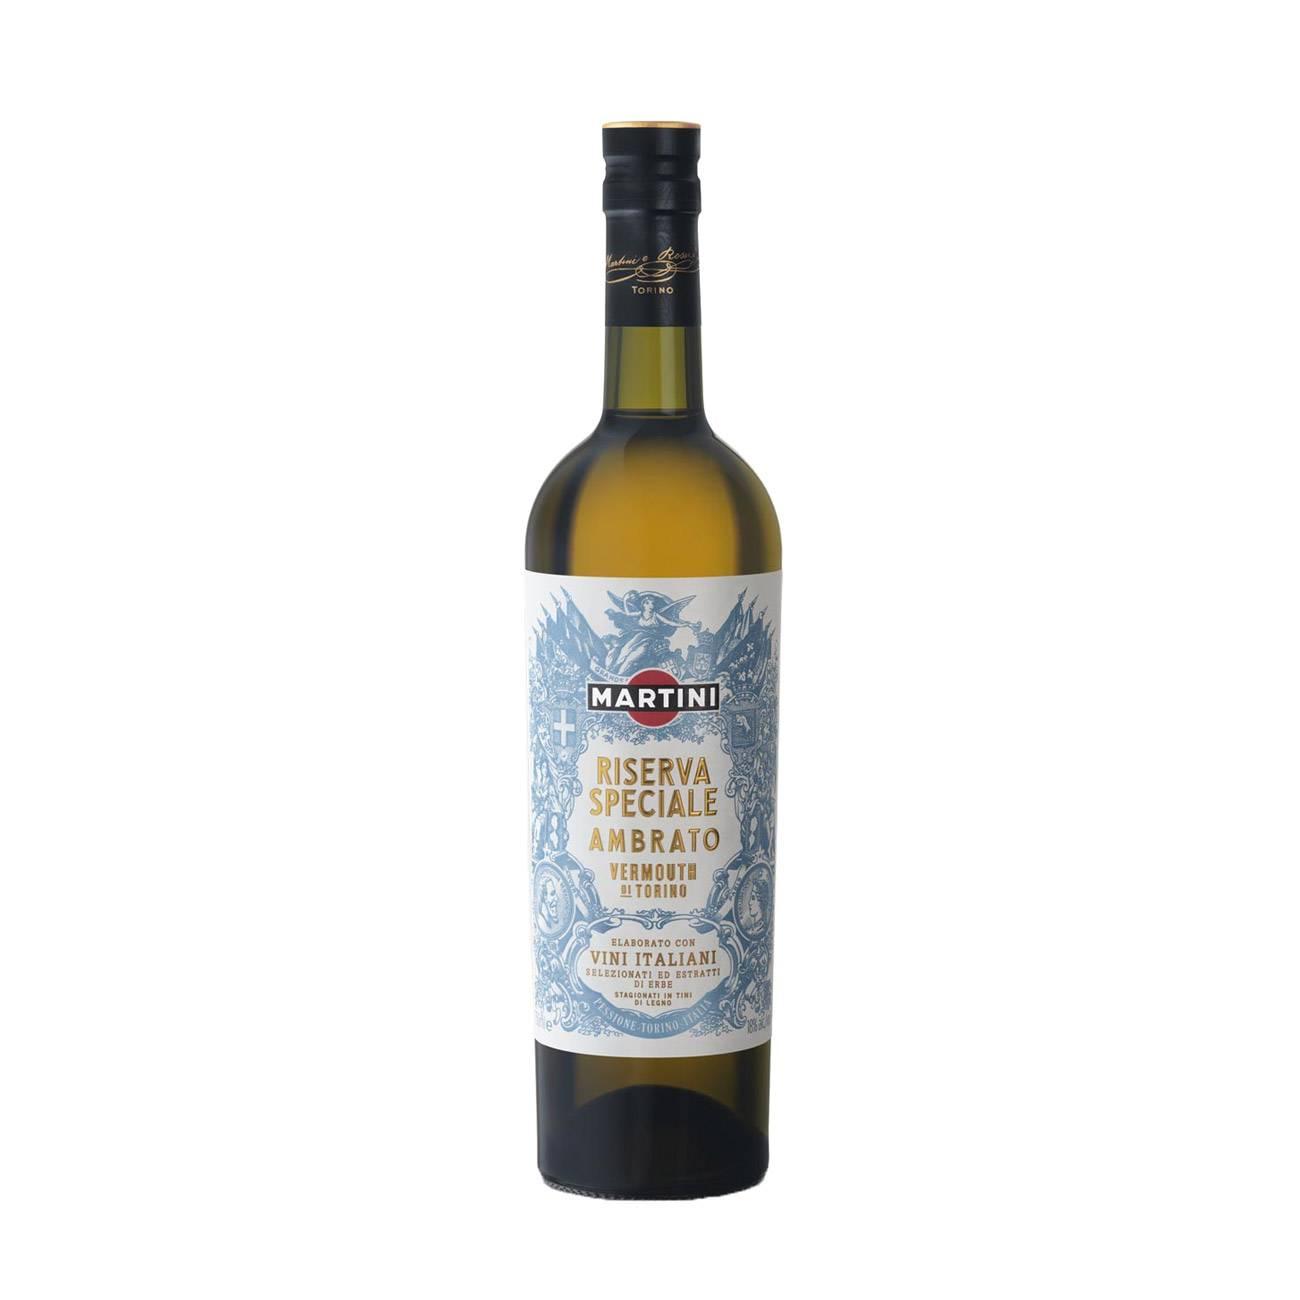 Riserva Speciale Ambrato 750 Ml de la Martini